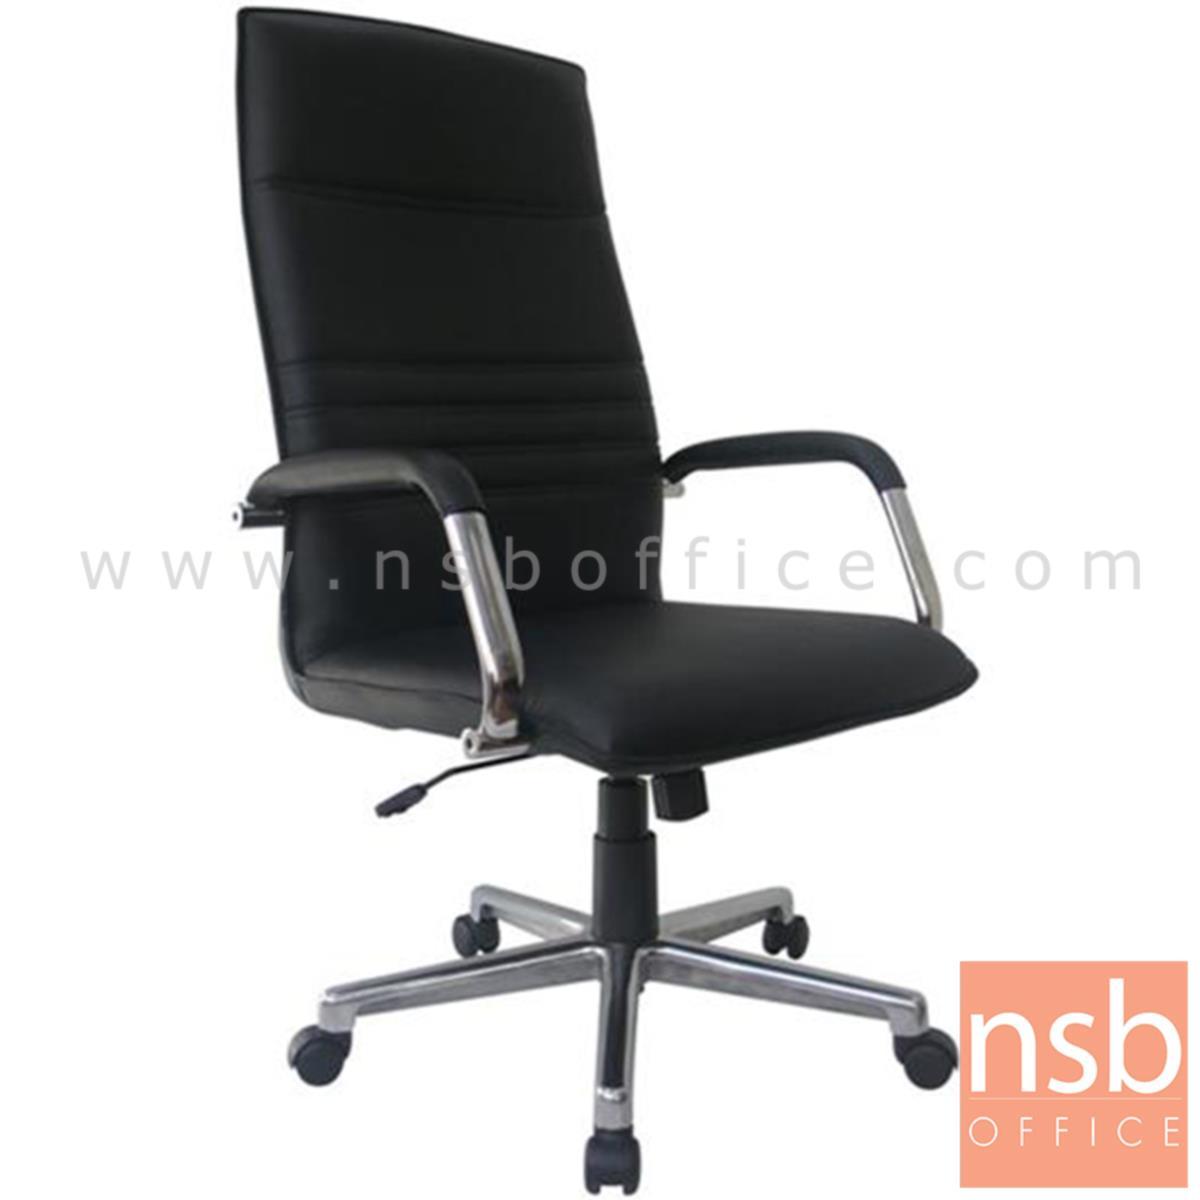 B01A266:เก้าอี้ผู้บริหาร รุ่น Ducard (ดูคาร์ด)  โช๊คแก๊ส มีก้อนโยก ขาอลูมิเนียม